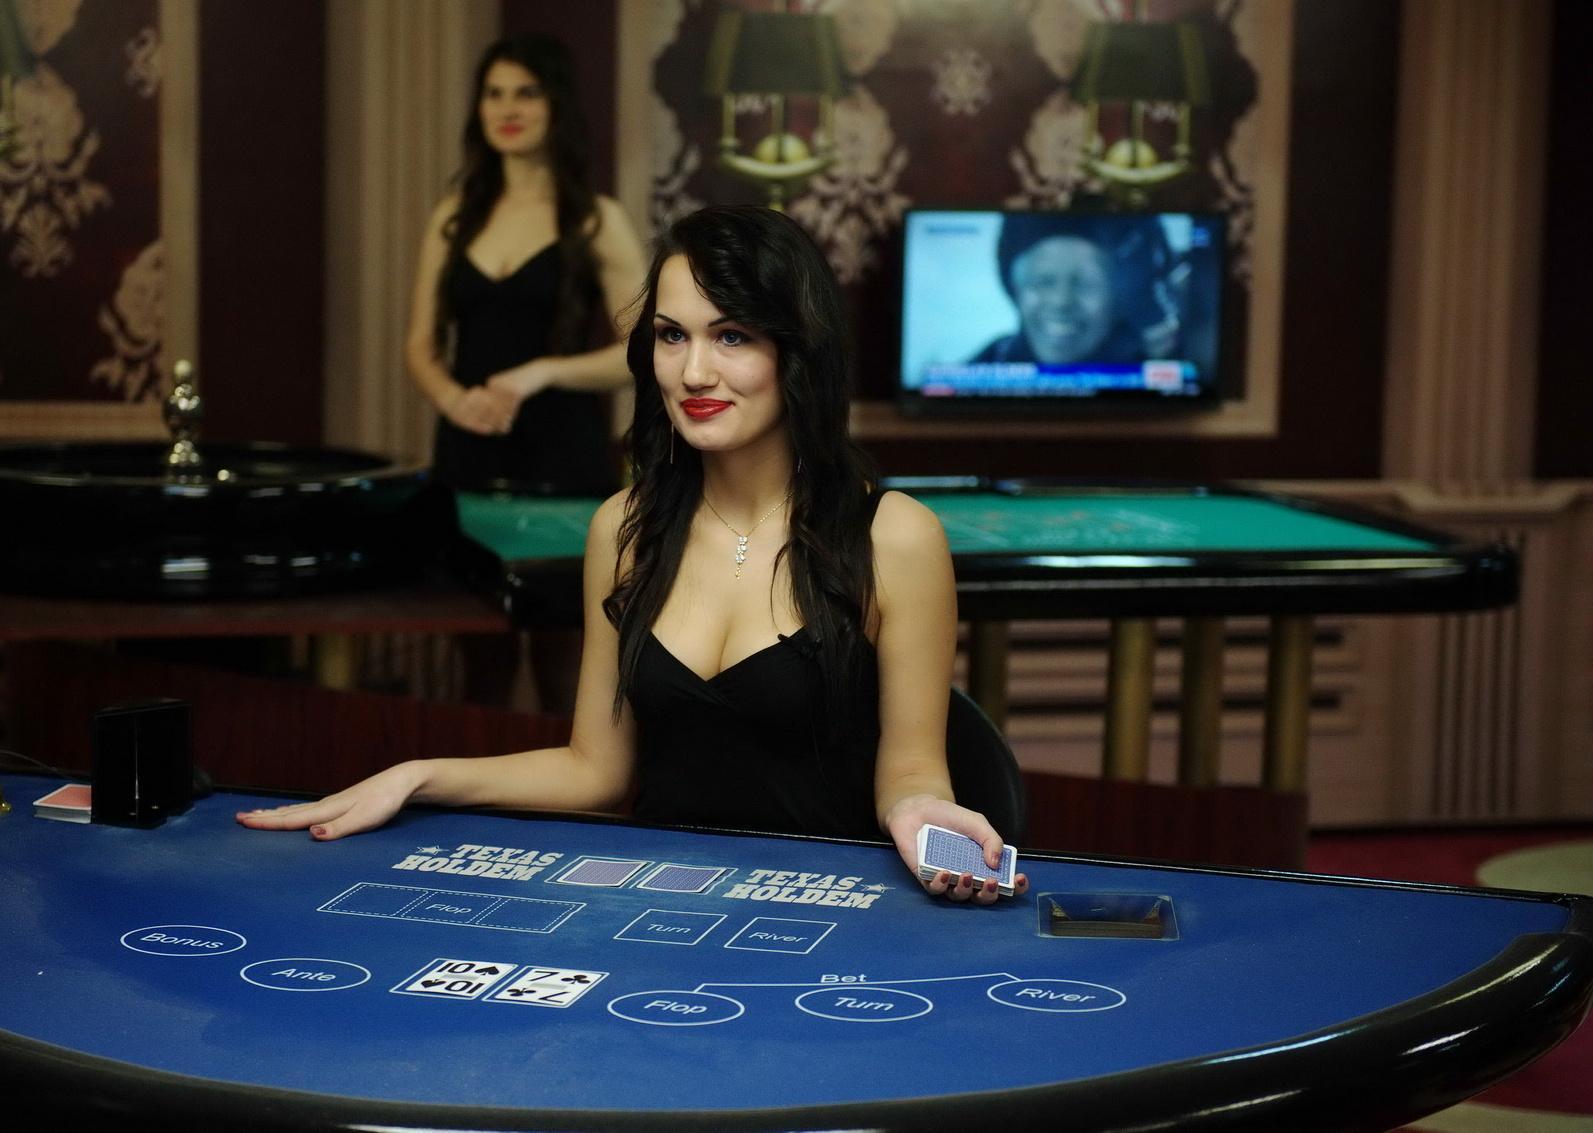 Alice Wonderland On Twitter Multiplayer Texasholdem At Xpg Livedealer Casino Http T Co V95dqaanbx